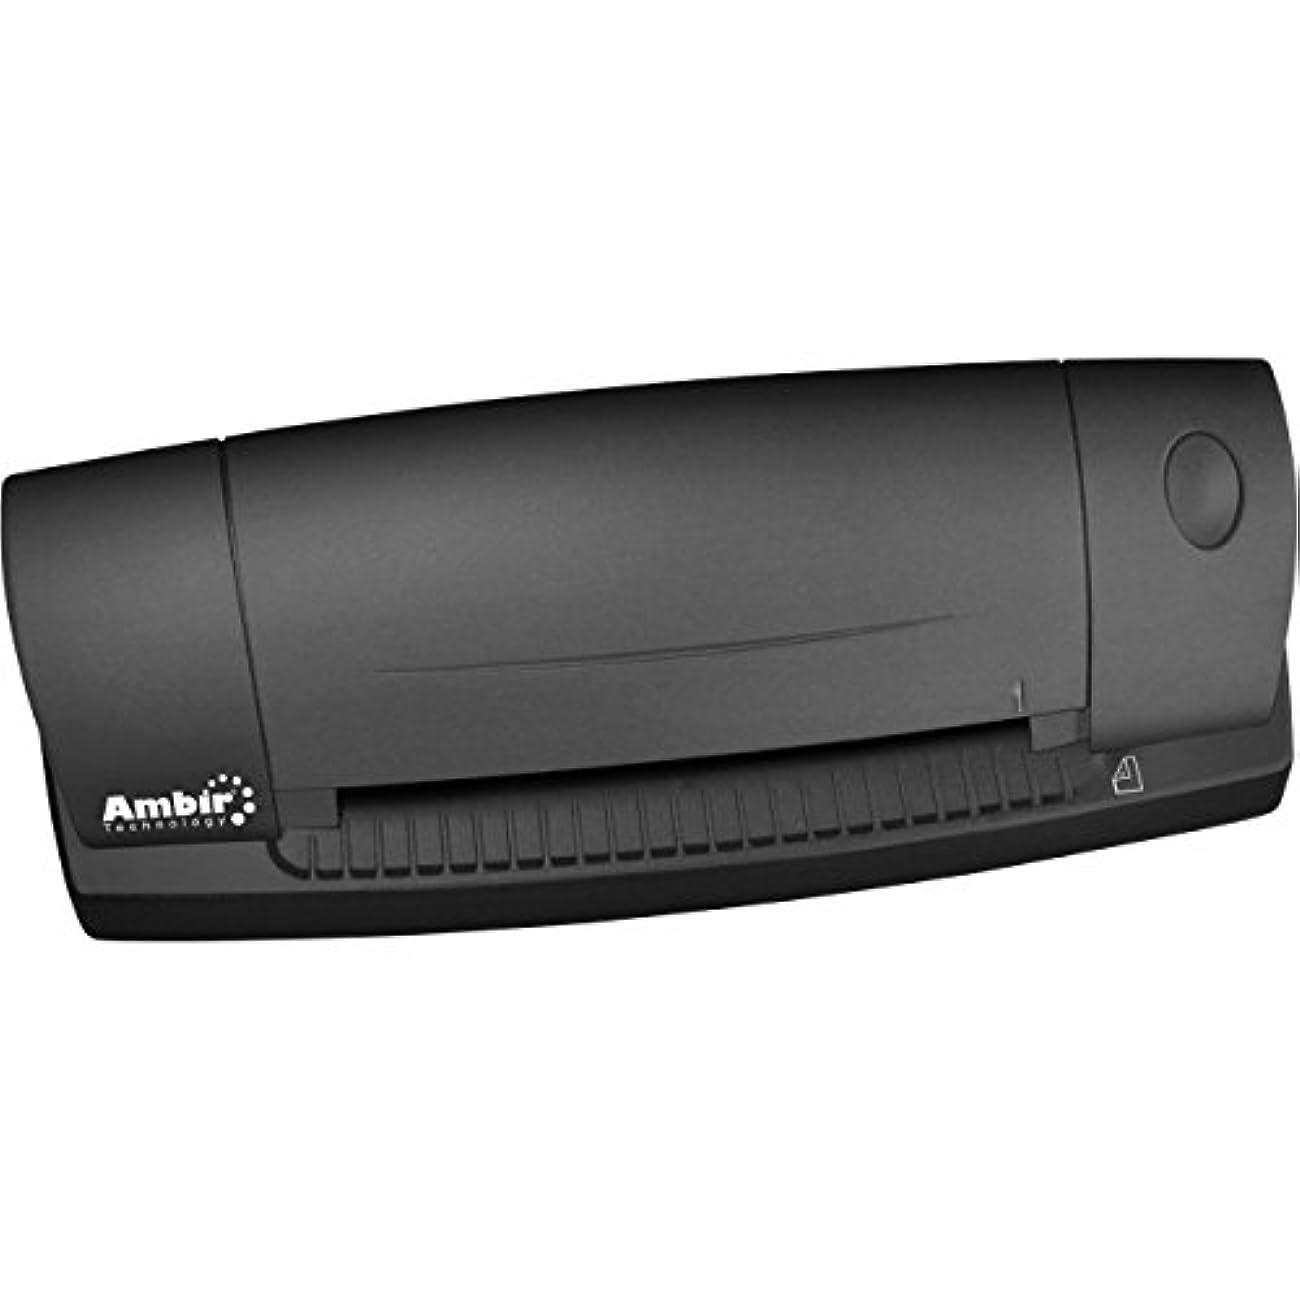 体系的に合計レモンSimplex A6 ID Card Scanner + AmbirScan 3